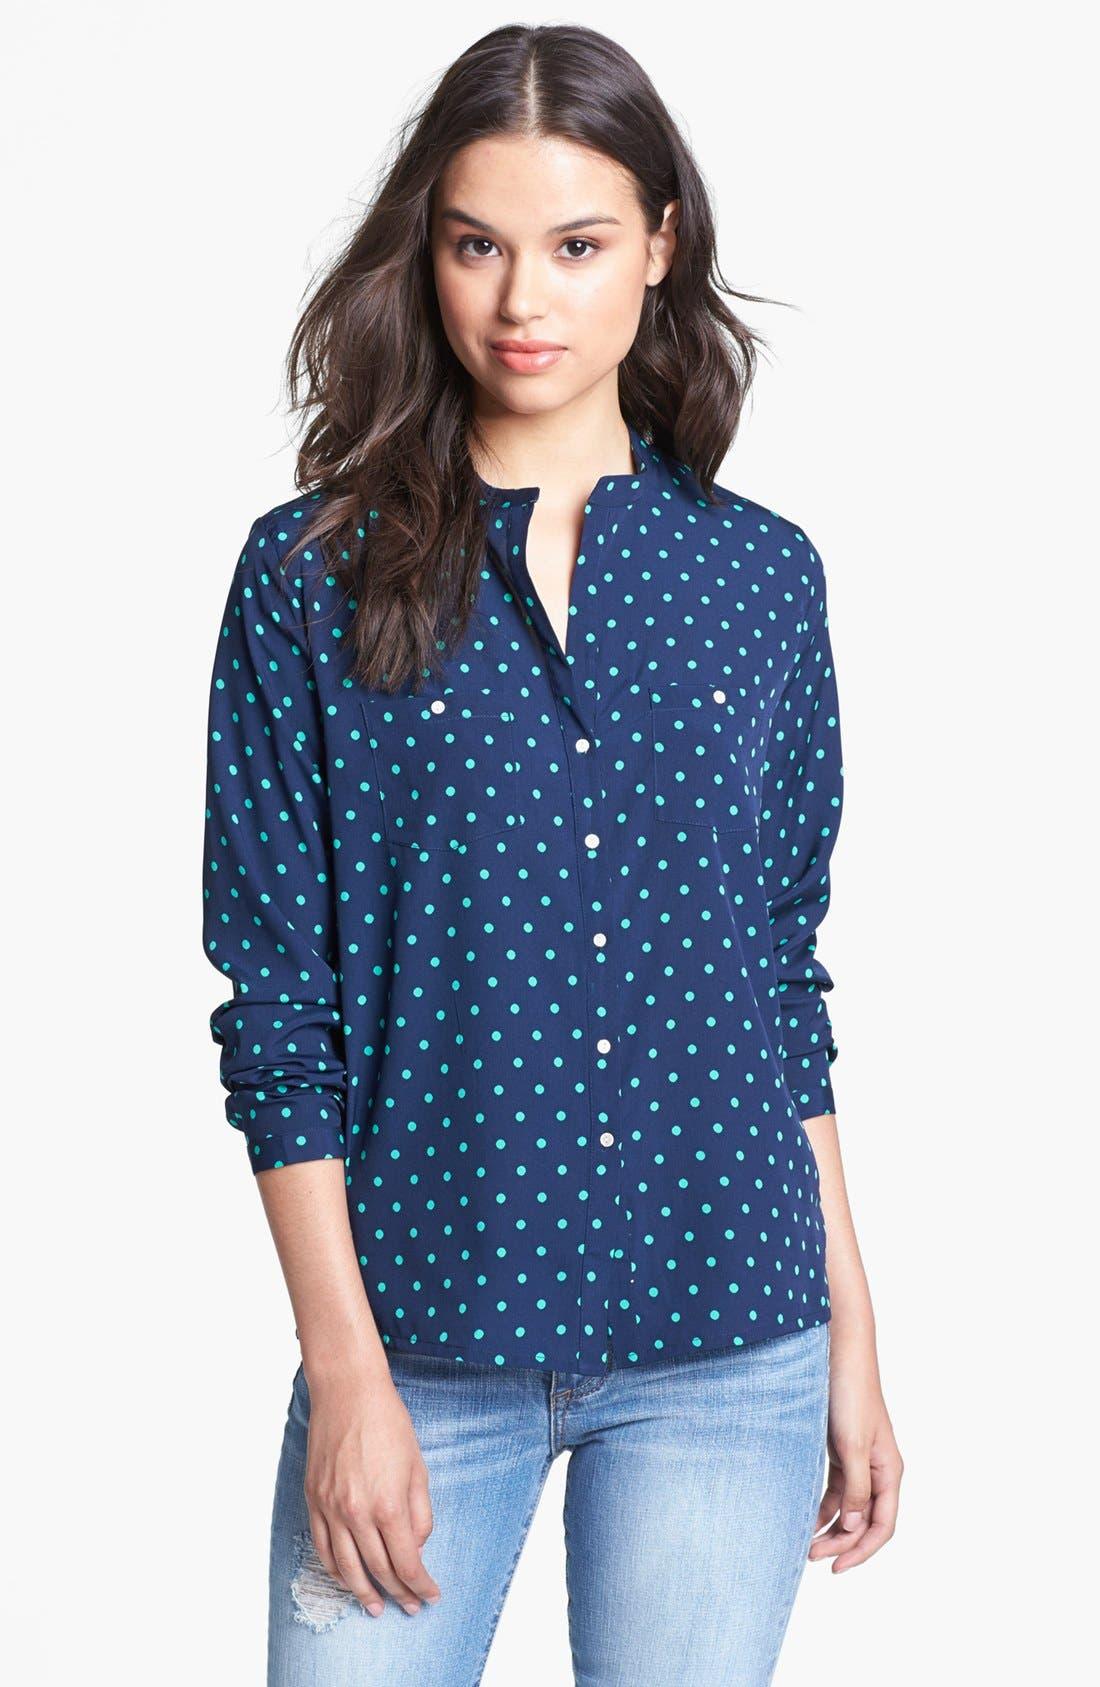 Main Image - KUT from the Kloth 'Sabina' Polka Dot Shirt